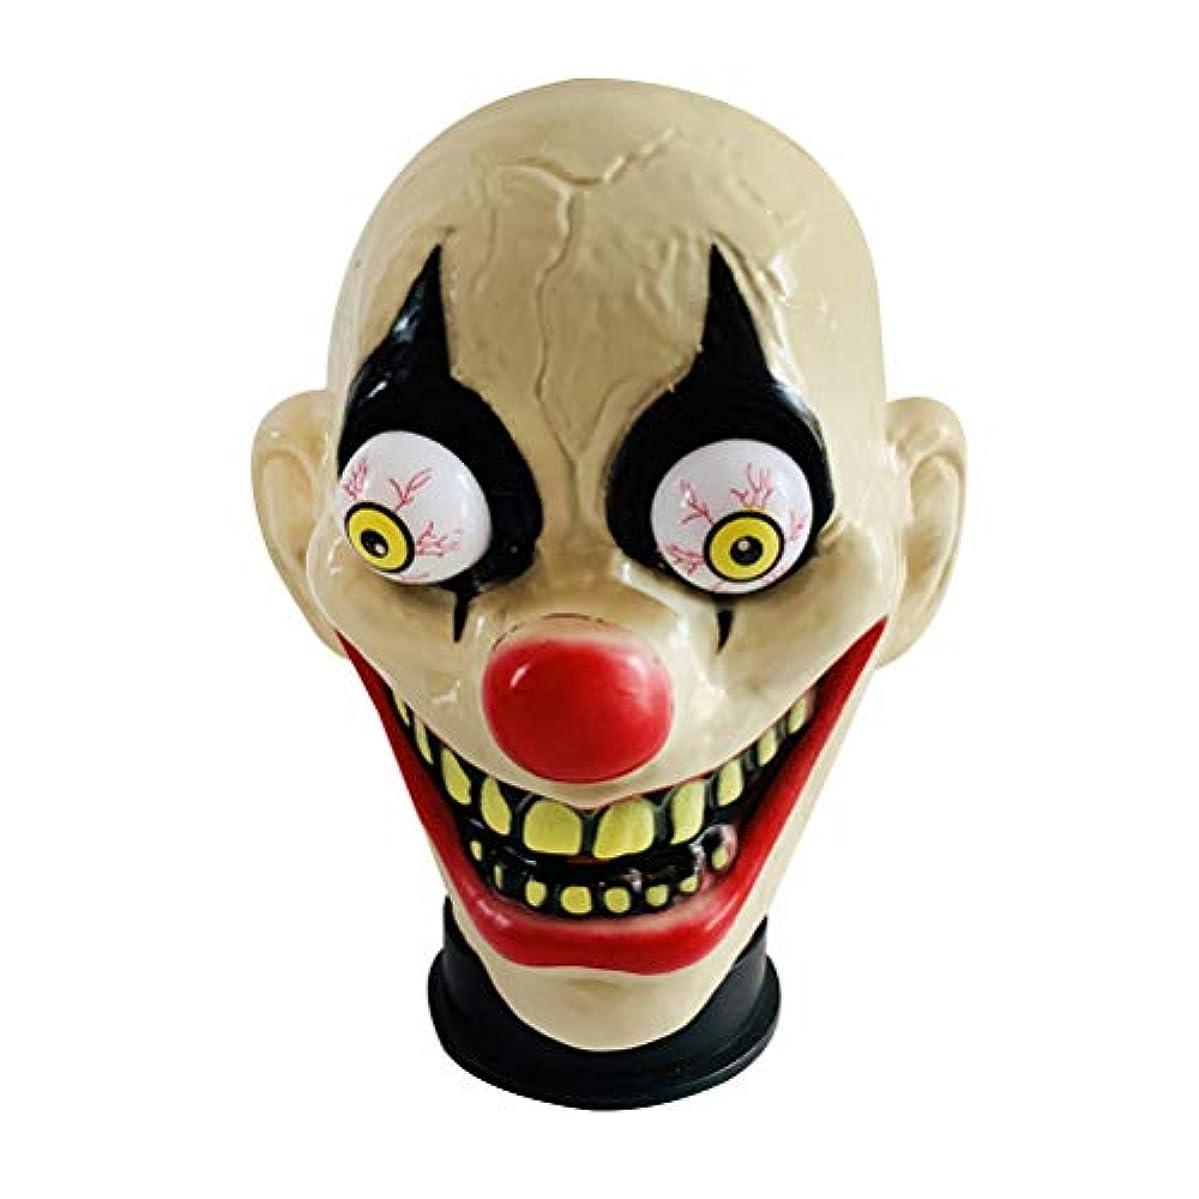 強打増幅する策定するBESTOYARD ハロウィーン怖いピエロマスクテロホラーピエロヘッドカバーハロウィンコスプレパーティー用男性用マスク(ピエロタイプ)